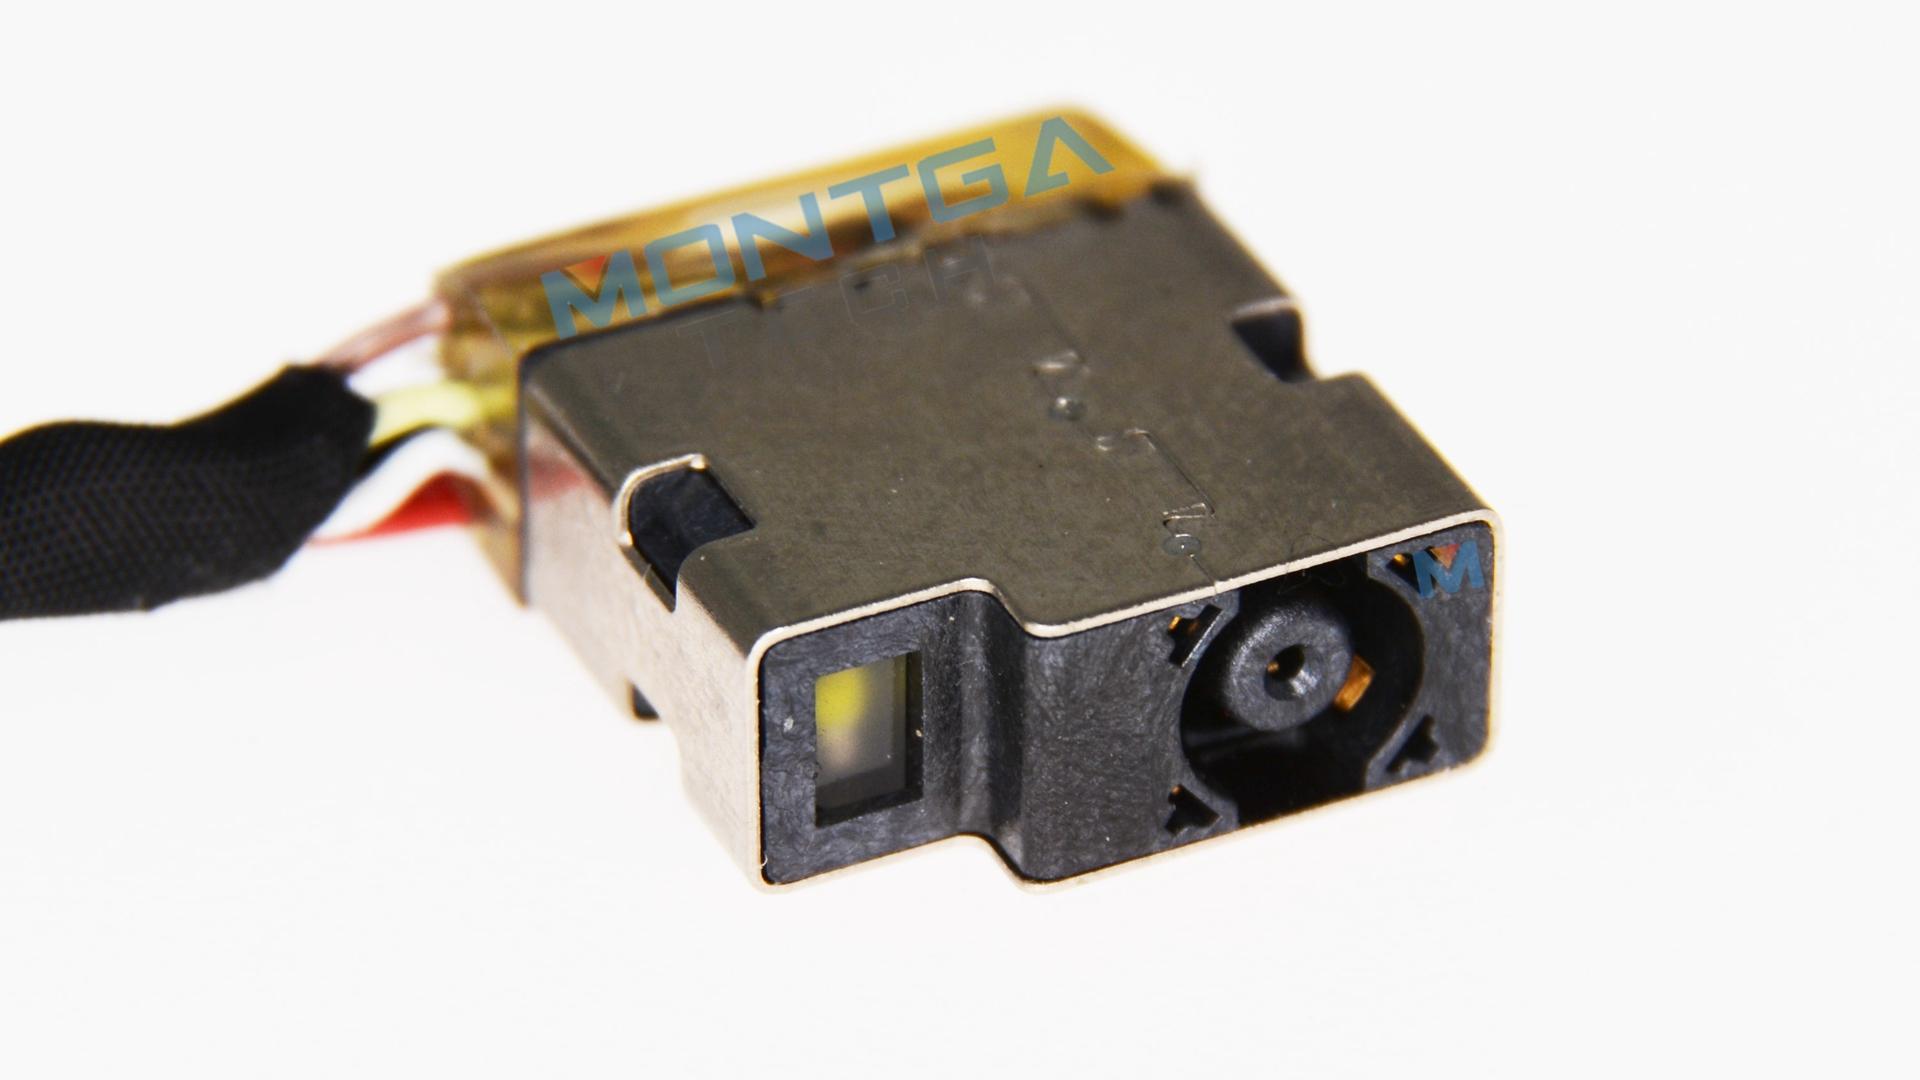 repair charging connector HP 13-AH007NF, repair DC Power Jack HP 13-AH007NF, repair DC IN Cable HP 13-AH007NF, repair Jack socket HP 13-AH007NF, repair plug HP 13-AH007NF, repair DC Alimantation HP 13-AH007NF, replace charging connector HP 13-AH007NF, replace DC Power Jack HP 13-AH007NF, replace DC IN Cable HP 13-AH007NF, replace Jack socket HP 13-AH007NF, replace plug HP 13-AH007NF, replace DC Alimantation HP 13-AH007NF,